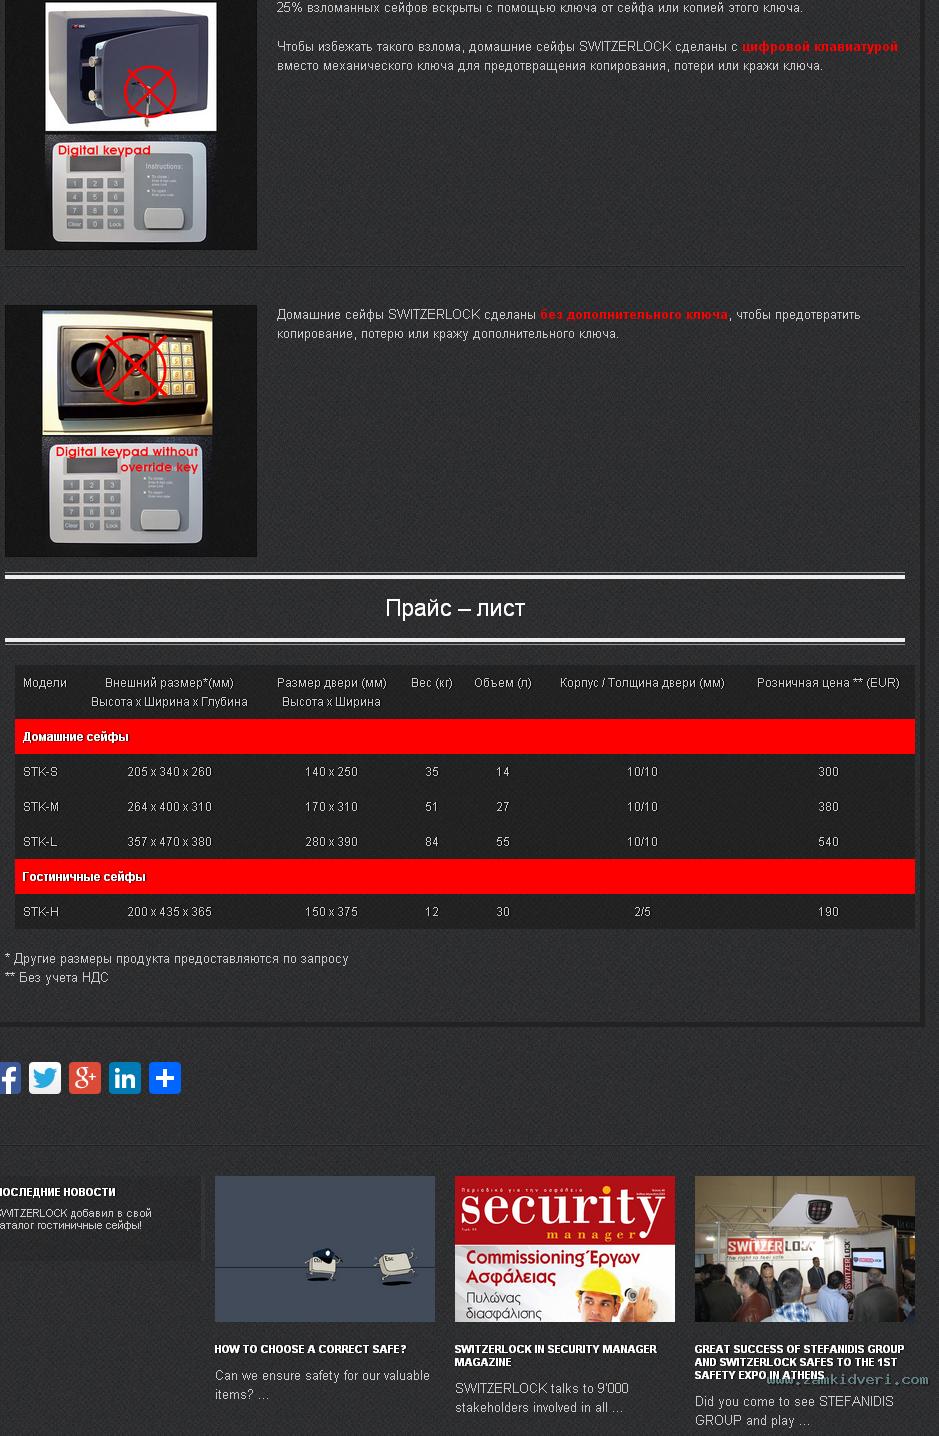 ������� �� ����������� ��� ���������� ��������: Скриншот 2014-01-20 20.12.26.png ����������: 0 ������:667.9 �� ID:32435